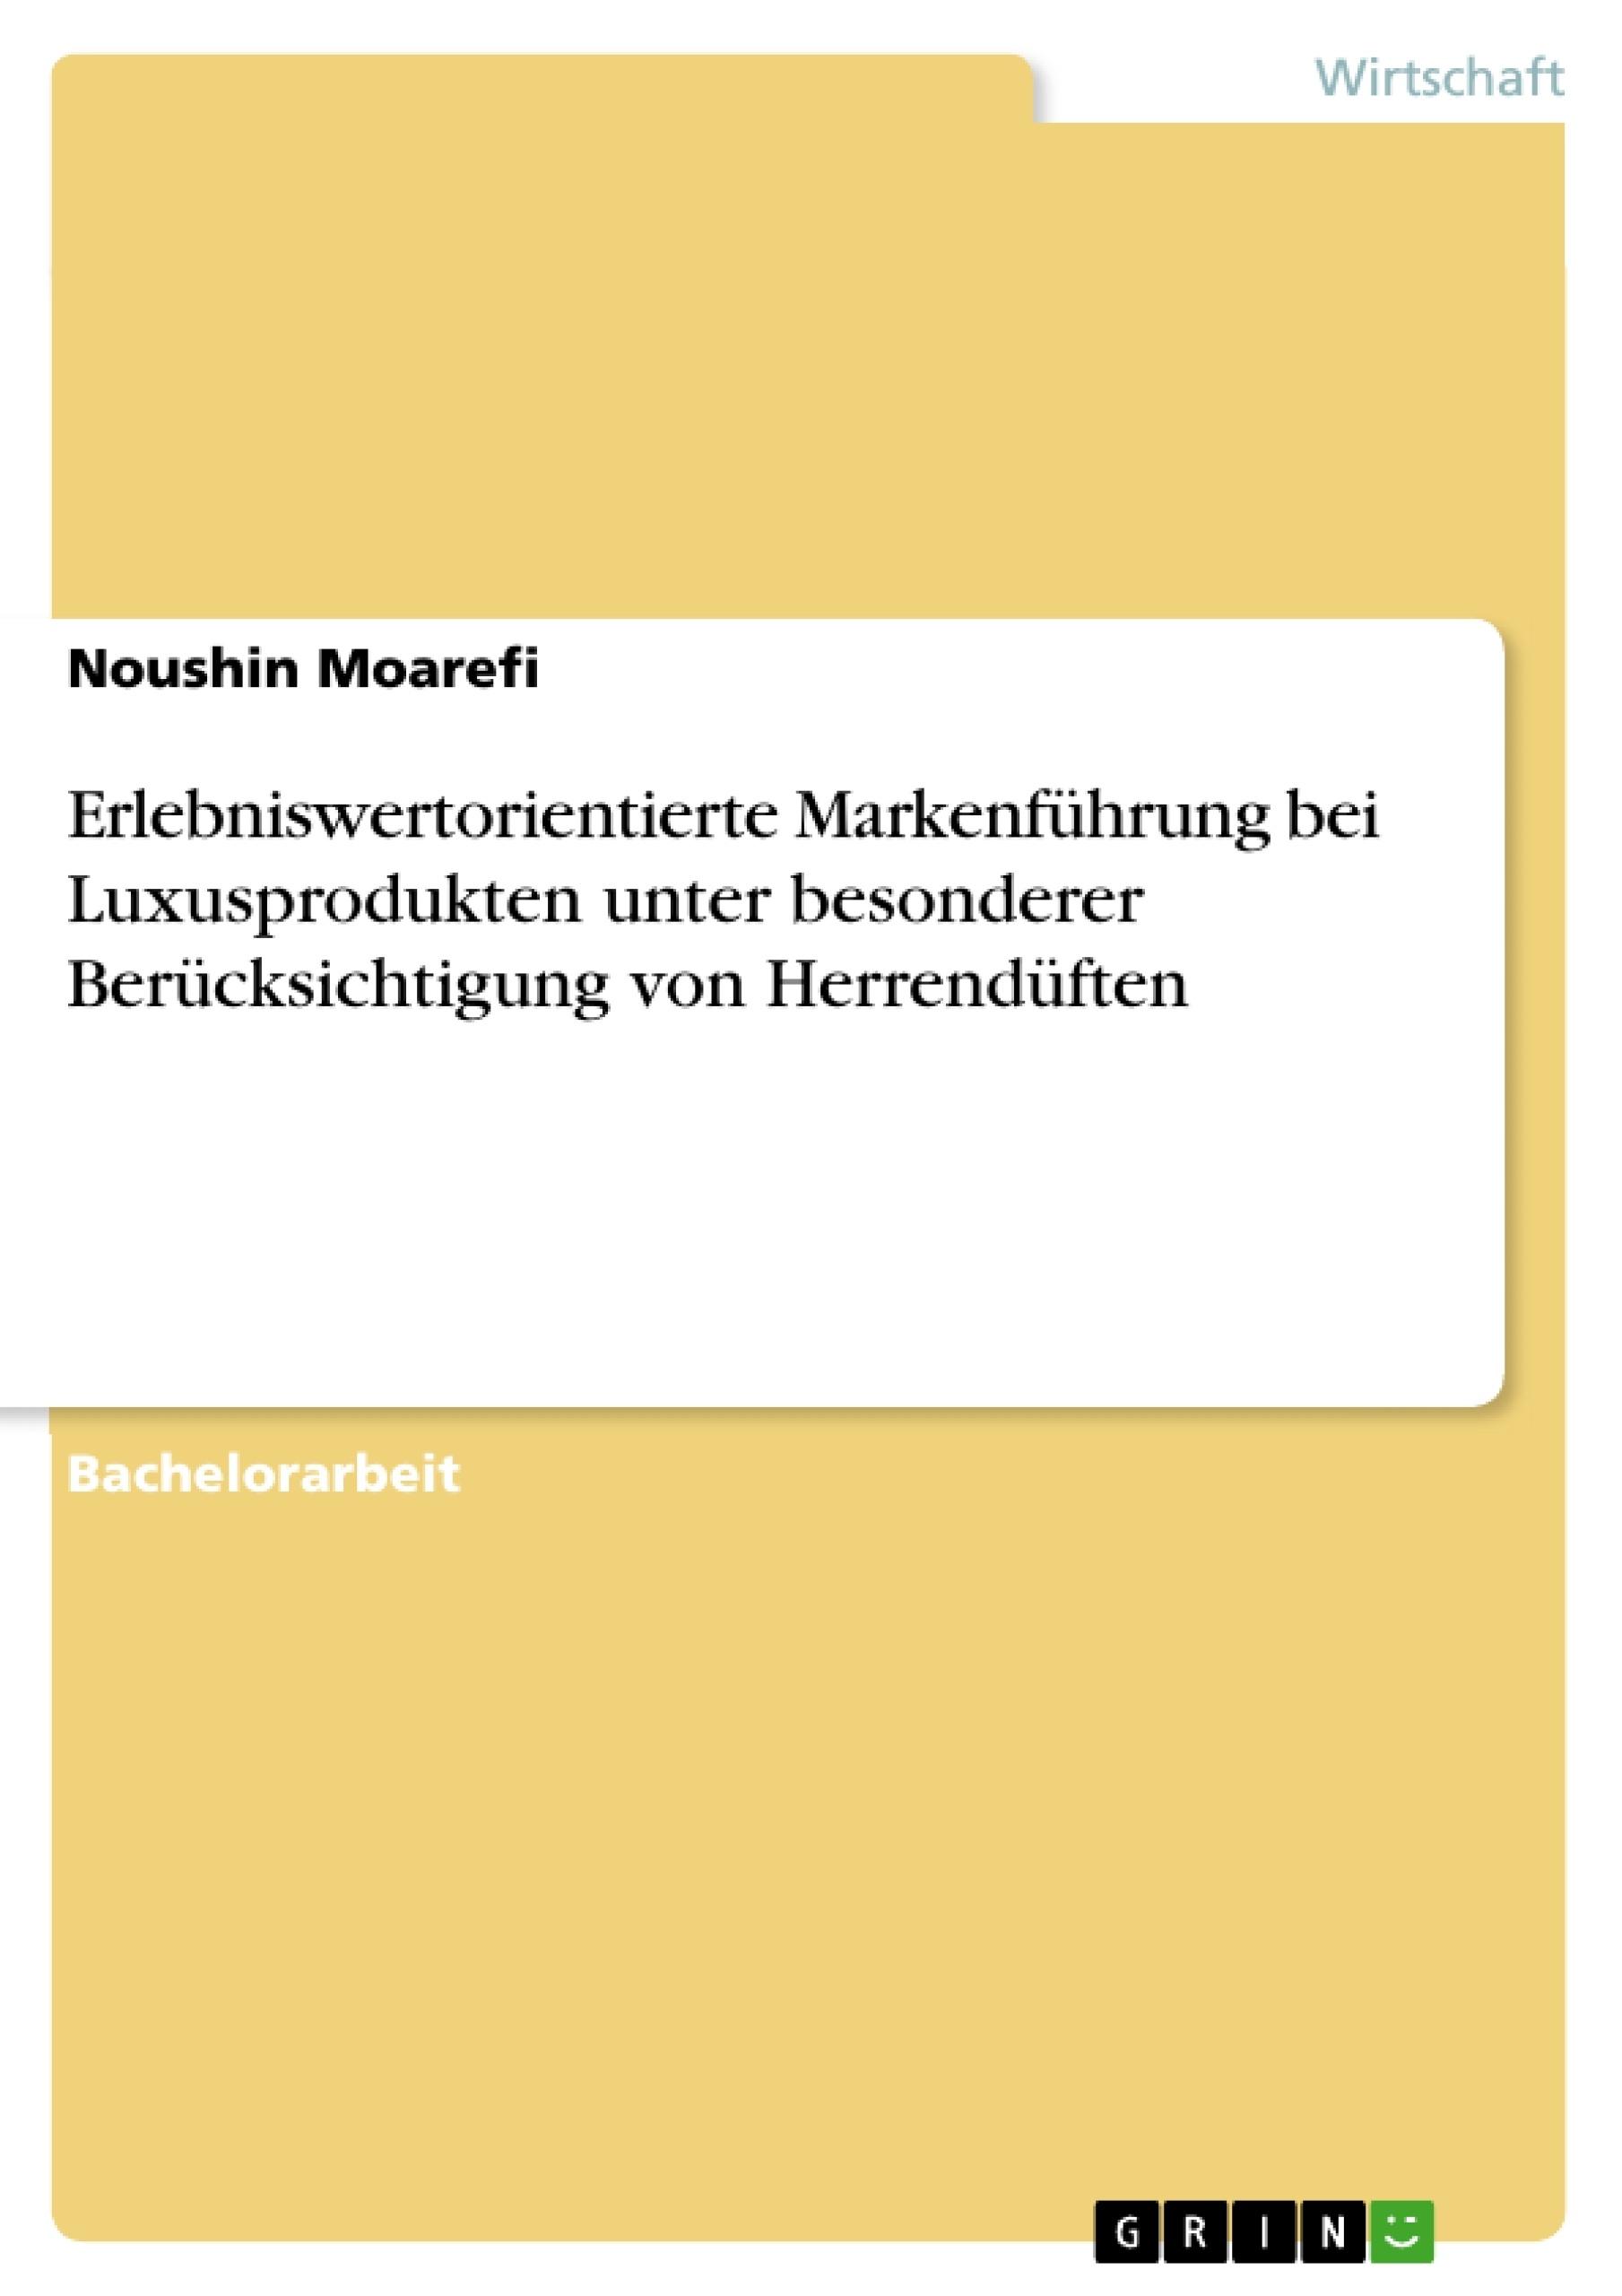 Titel: Erlebniswertorientierte Markenführung bei Luxusprodukten unter  besonderer Berücksichtigung von Herrendüften